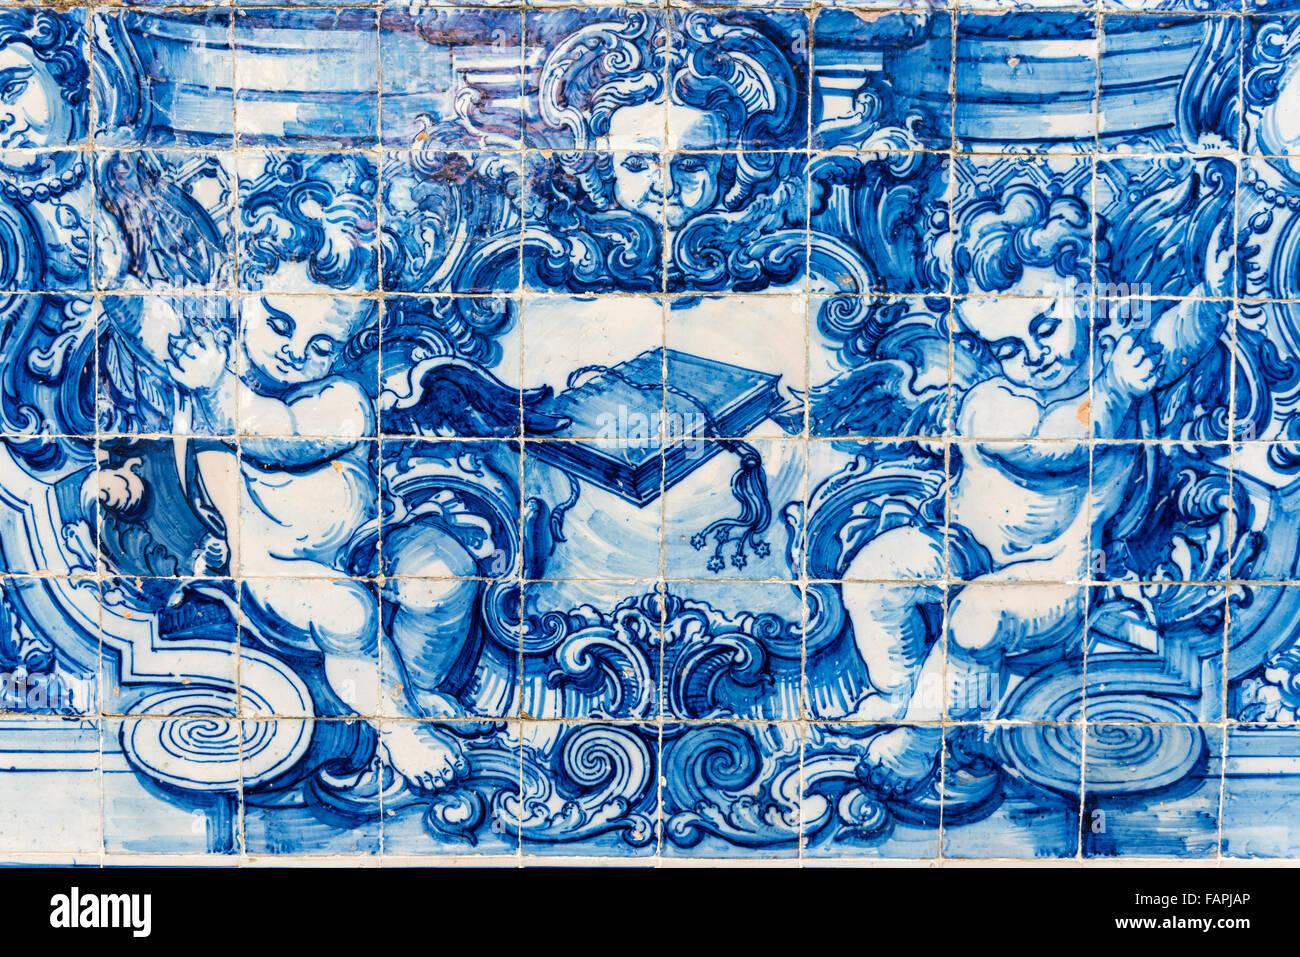 Capela das almas porto portugal immagini capela das almas porto